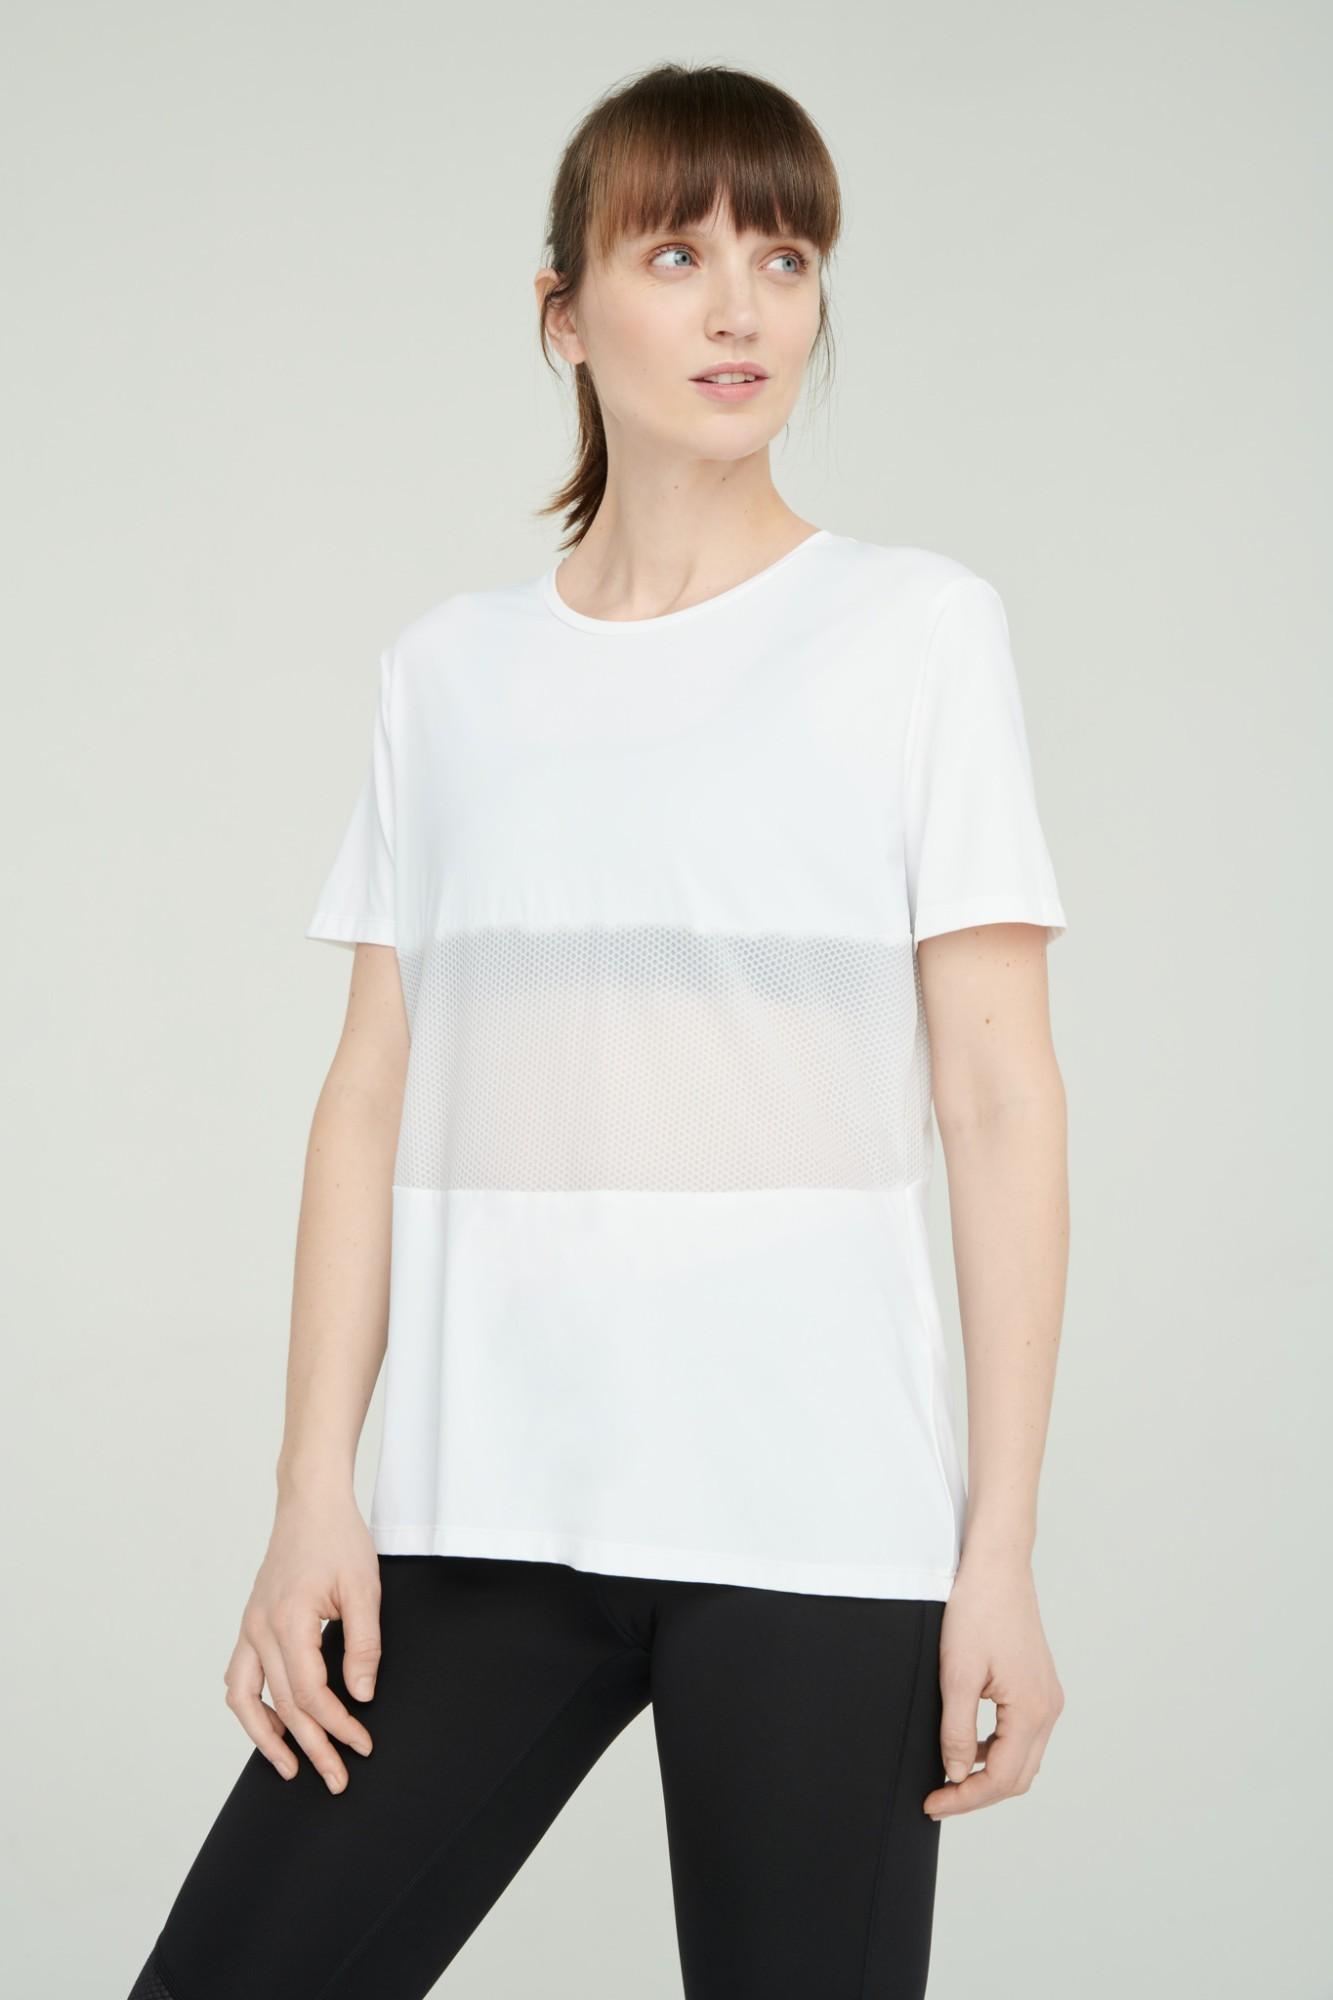 AUDIMAS Funkcionalūs marškinėliai 2111-072 White M